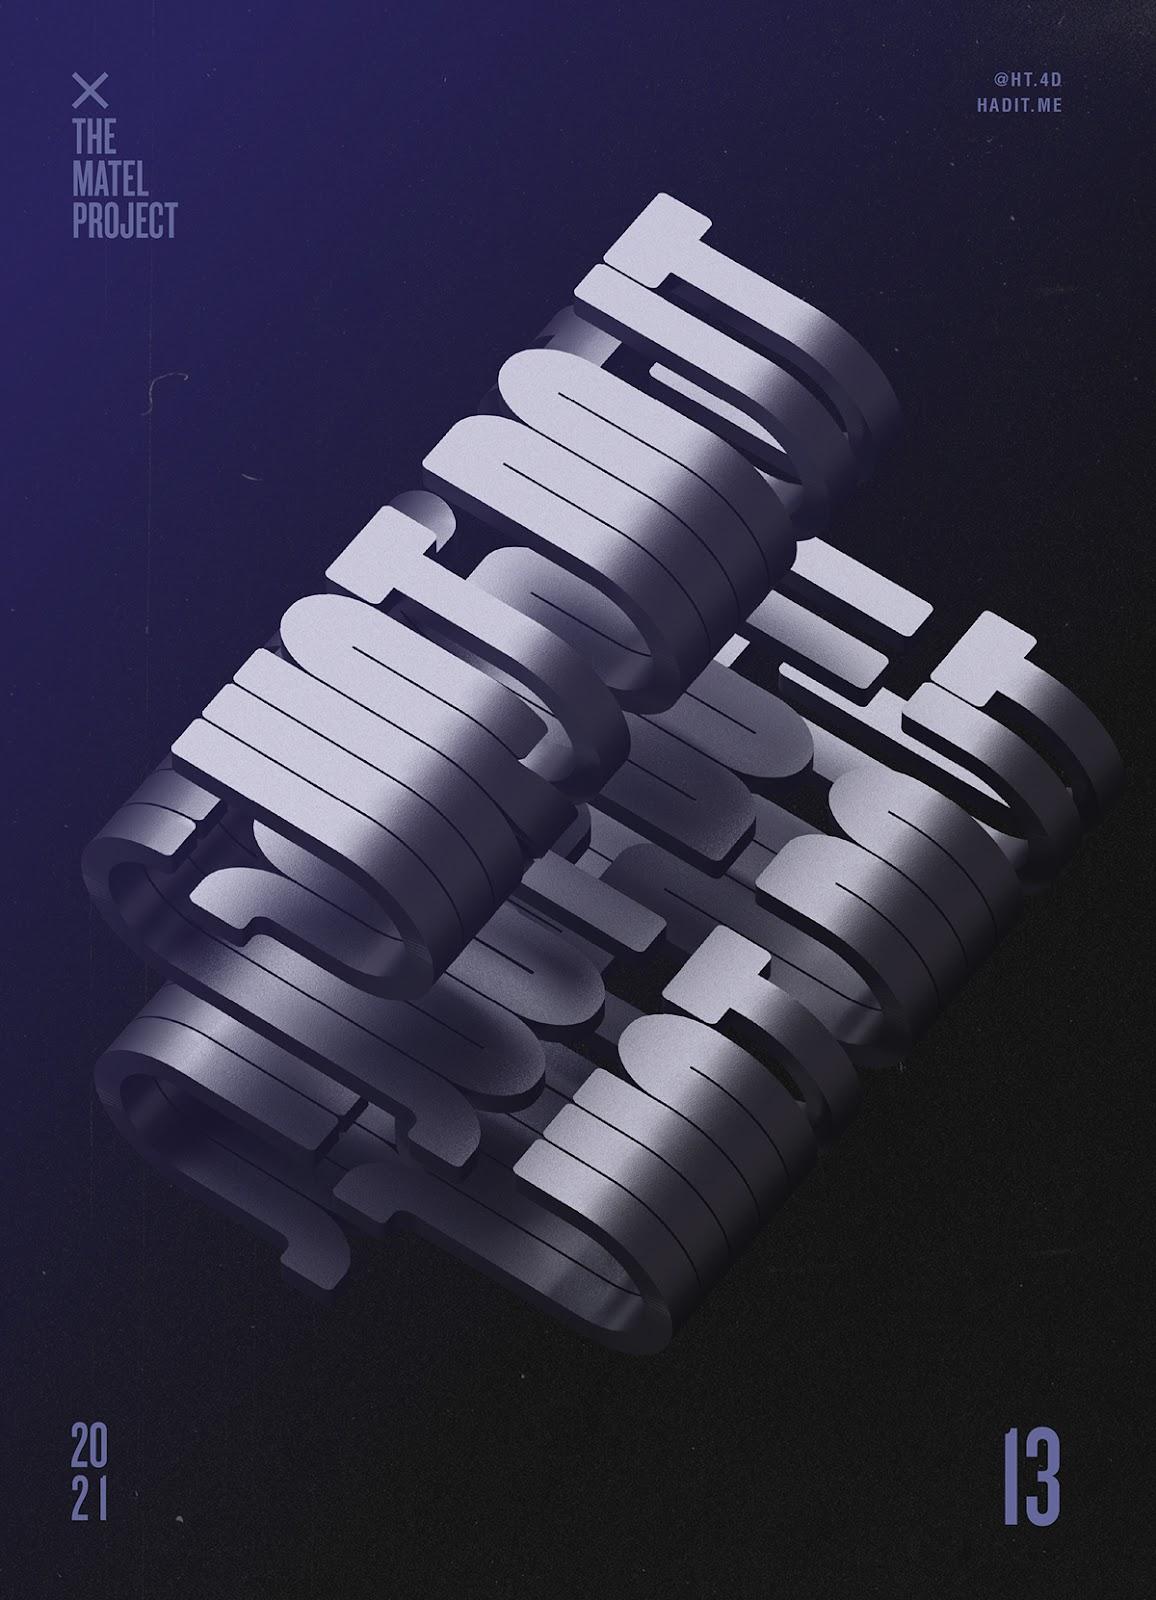 c4d posters typo 3DType typography   3D 3dart 3dposters type